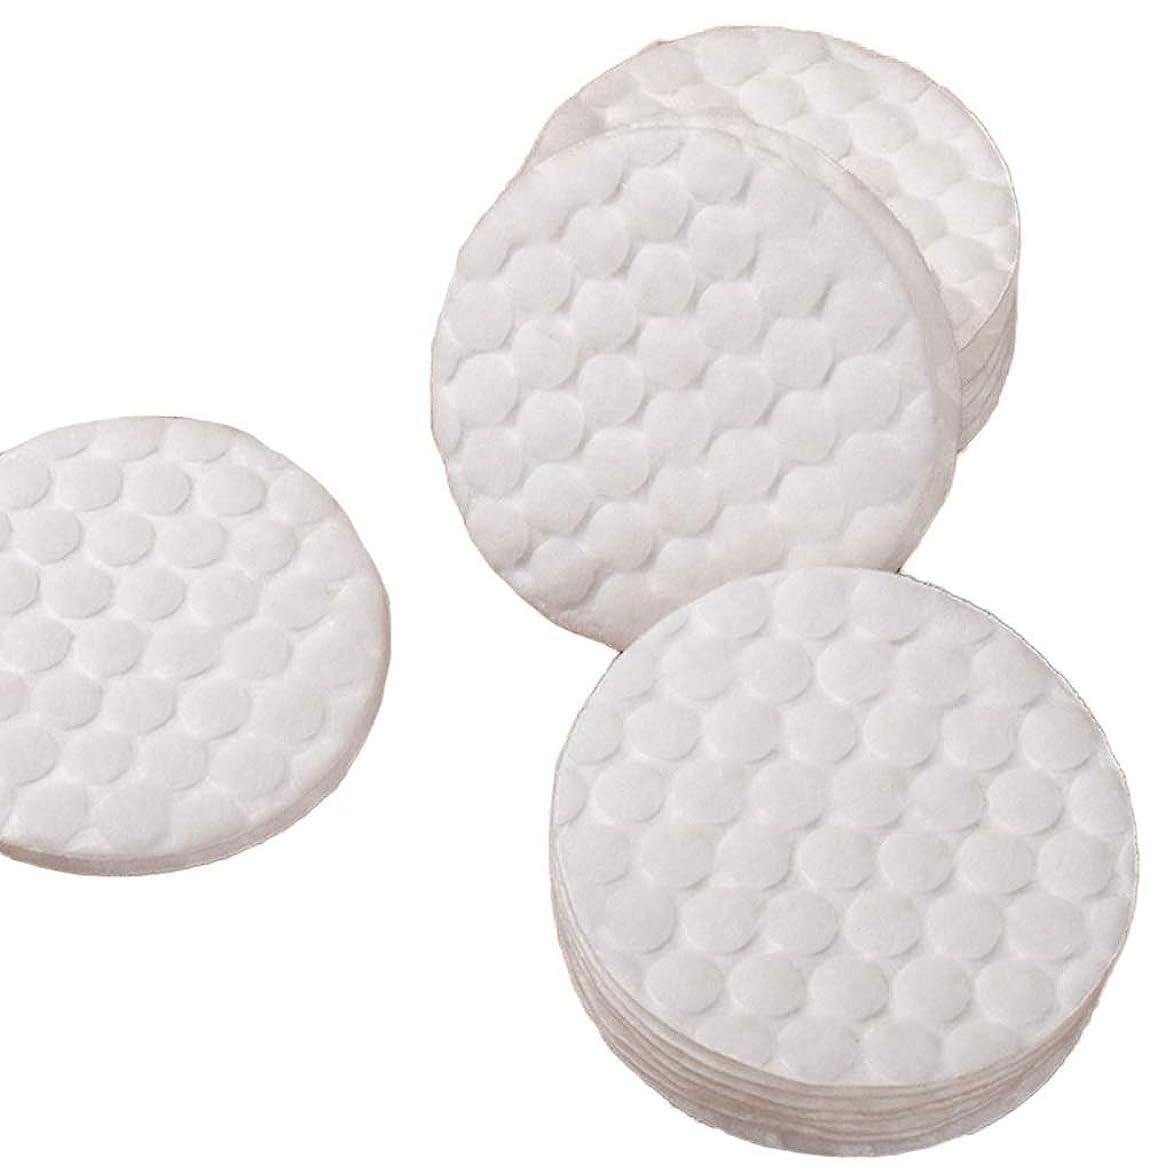 レクリエーション相互立ち向かうクレンジングシート 60個/バッグメイク落としコットンパッド洗えるワイプクレンジングオイルスキンケアフェイシャルケアメイクアップ化粧品ワイプ (Color : White)